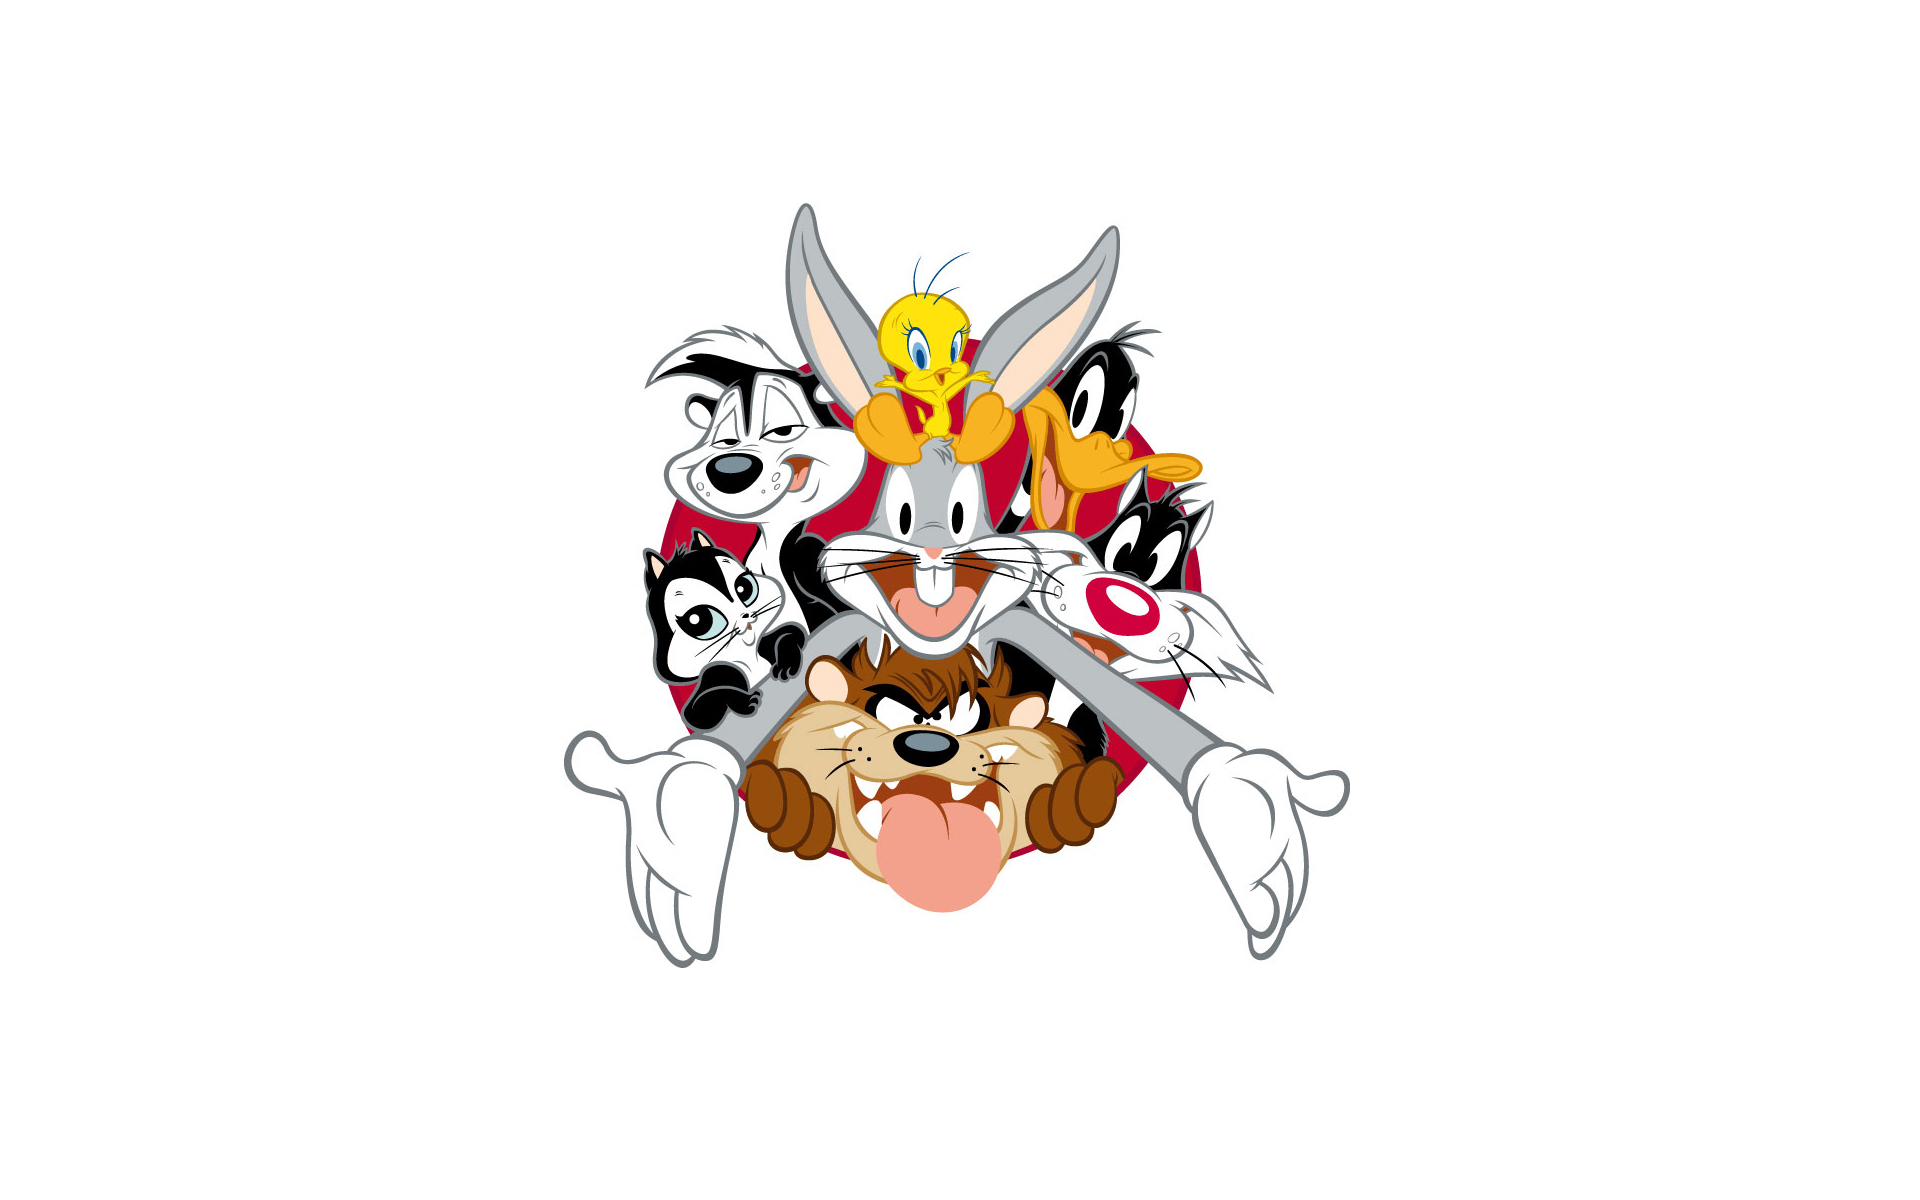 Looney Tunes - 1920x1200